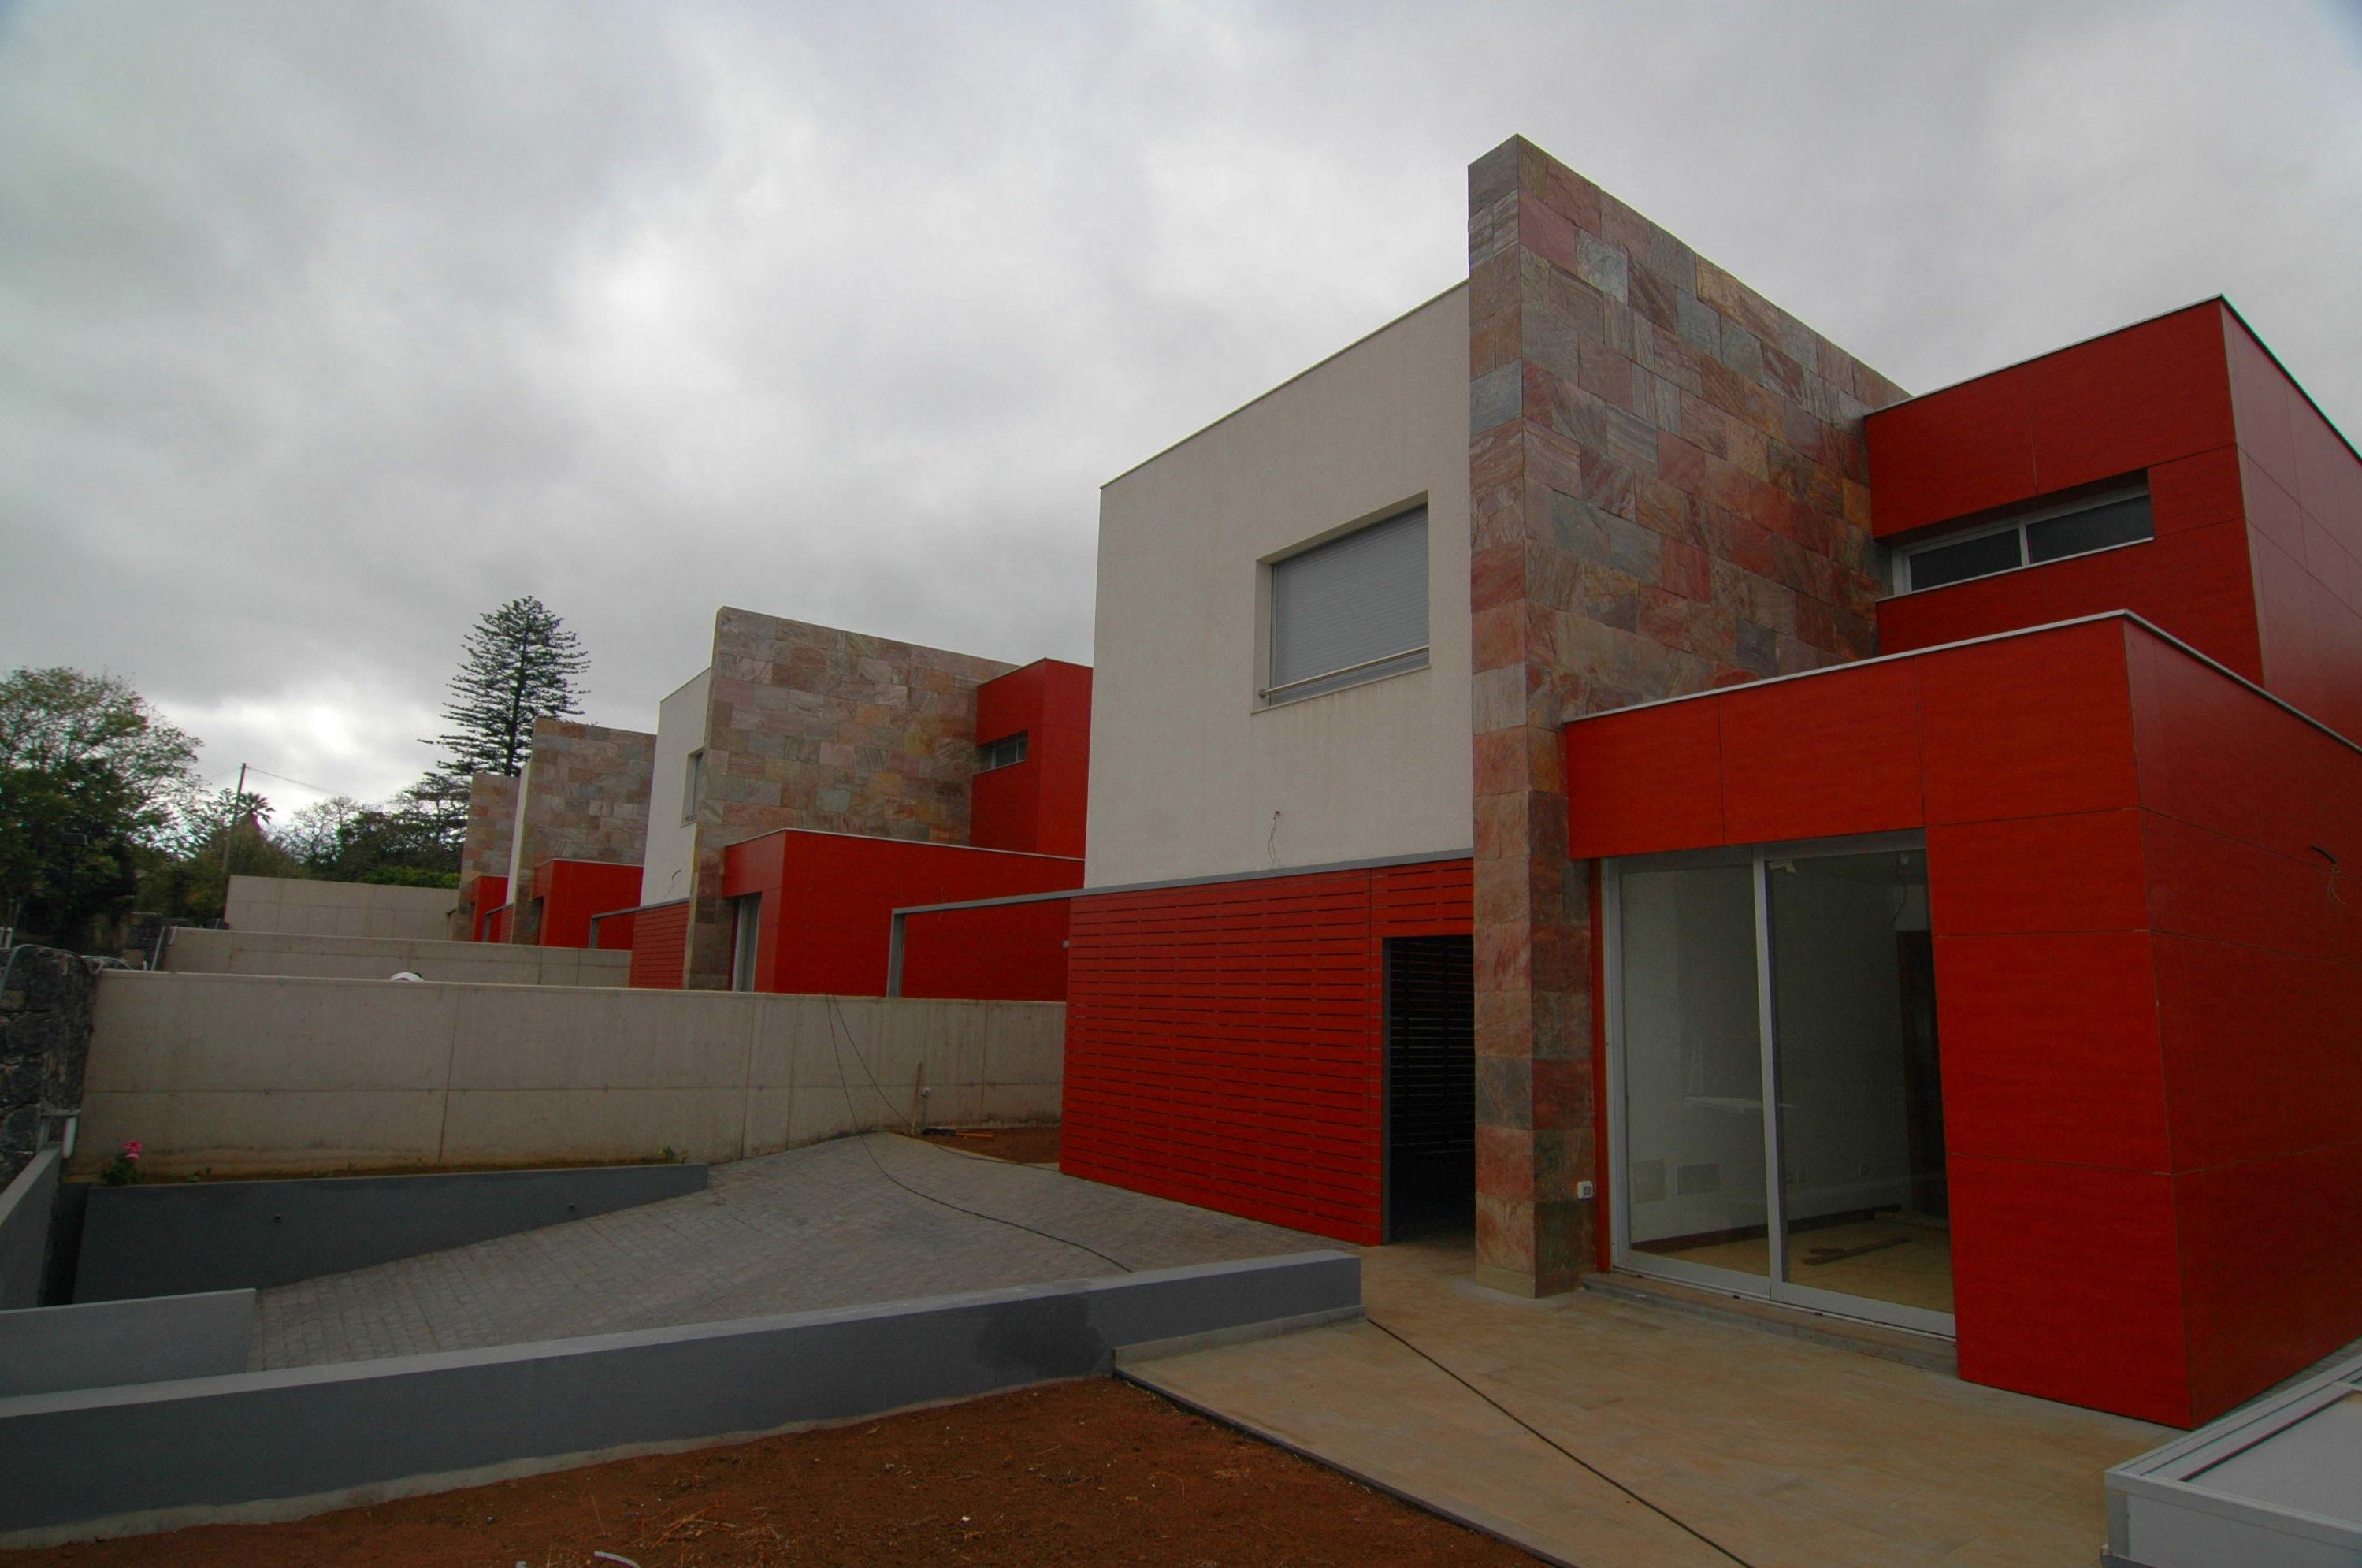 Construcción de 4 chalet en La Caridad, Tacoronte